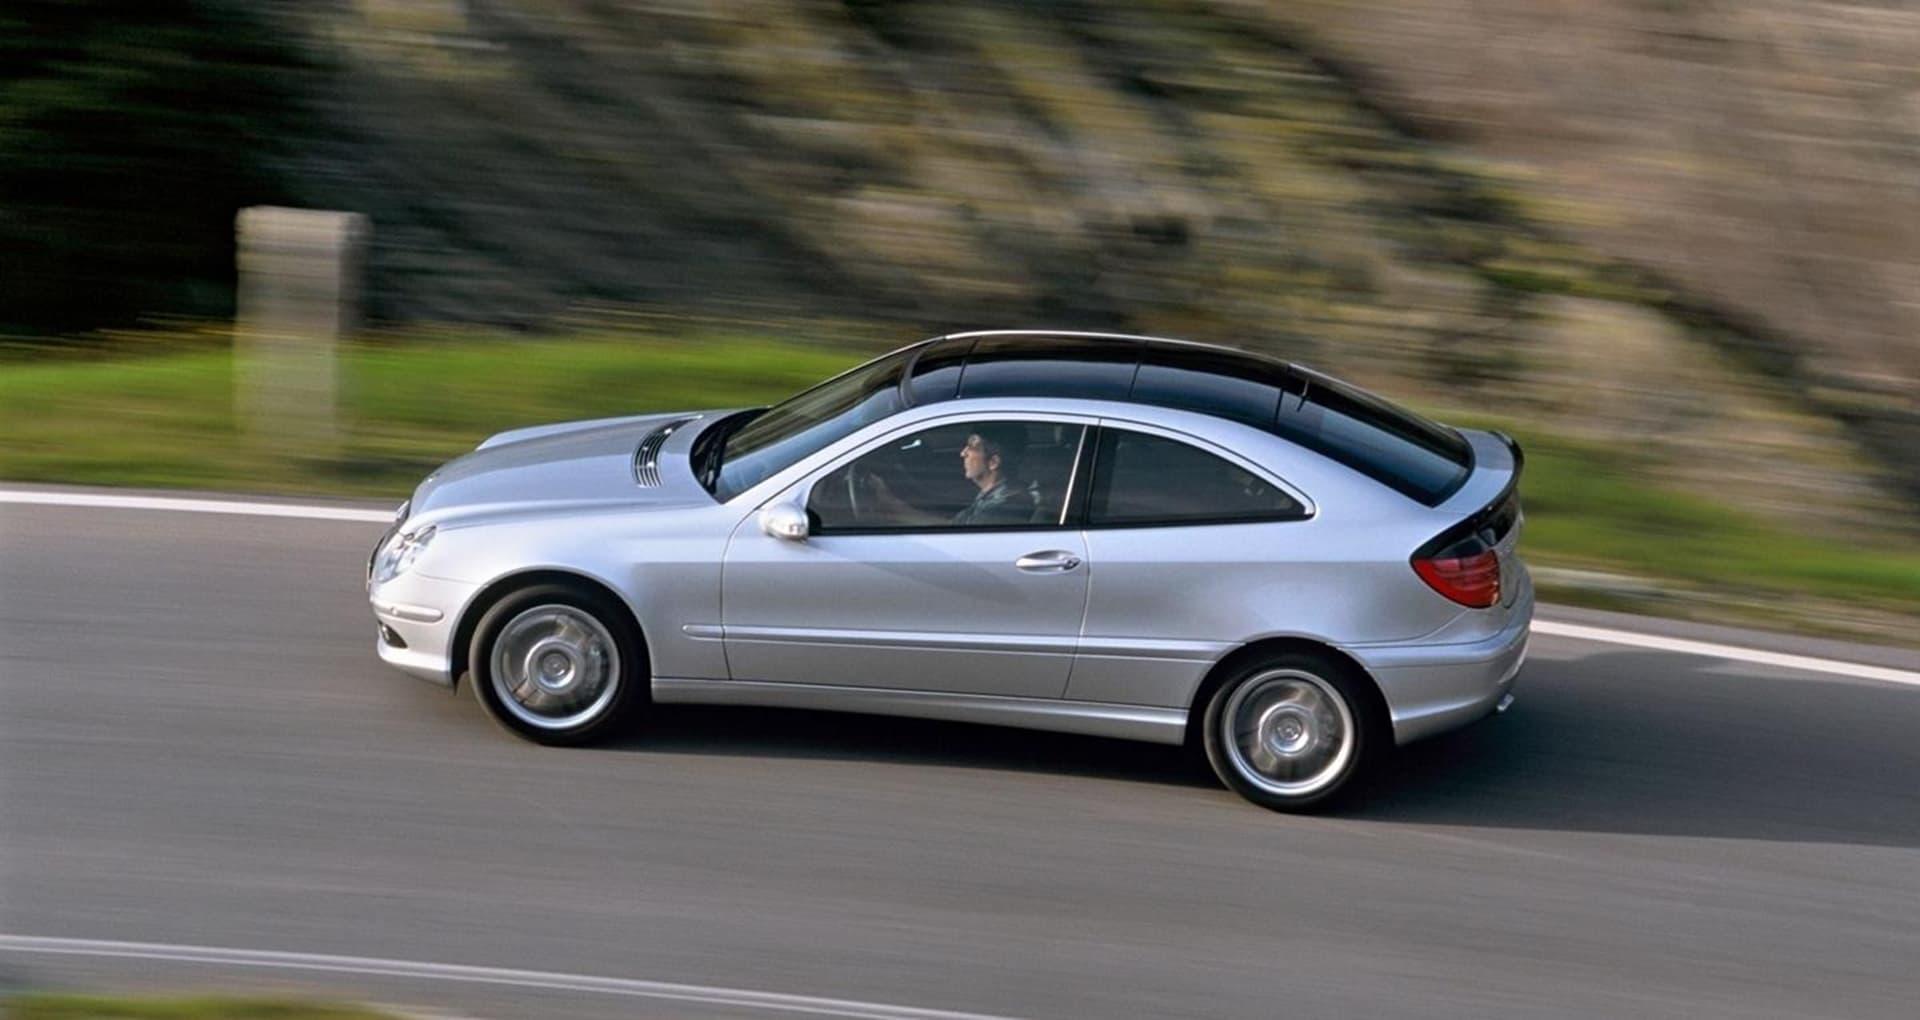 Mercedes C 30 Cdi Amg 2003 0521 006